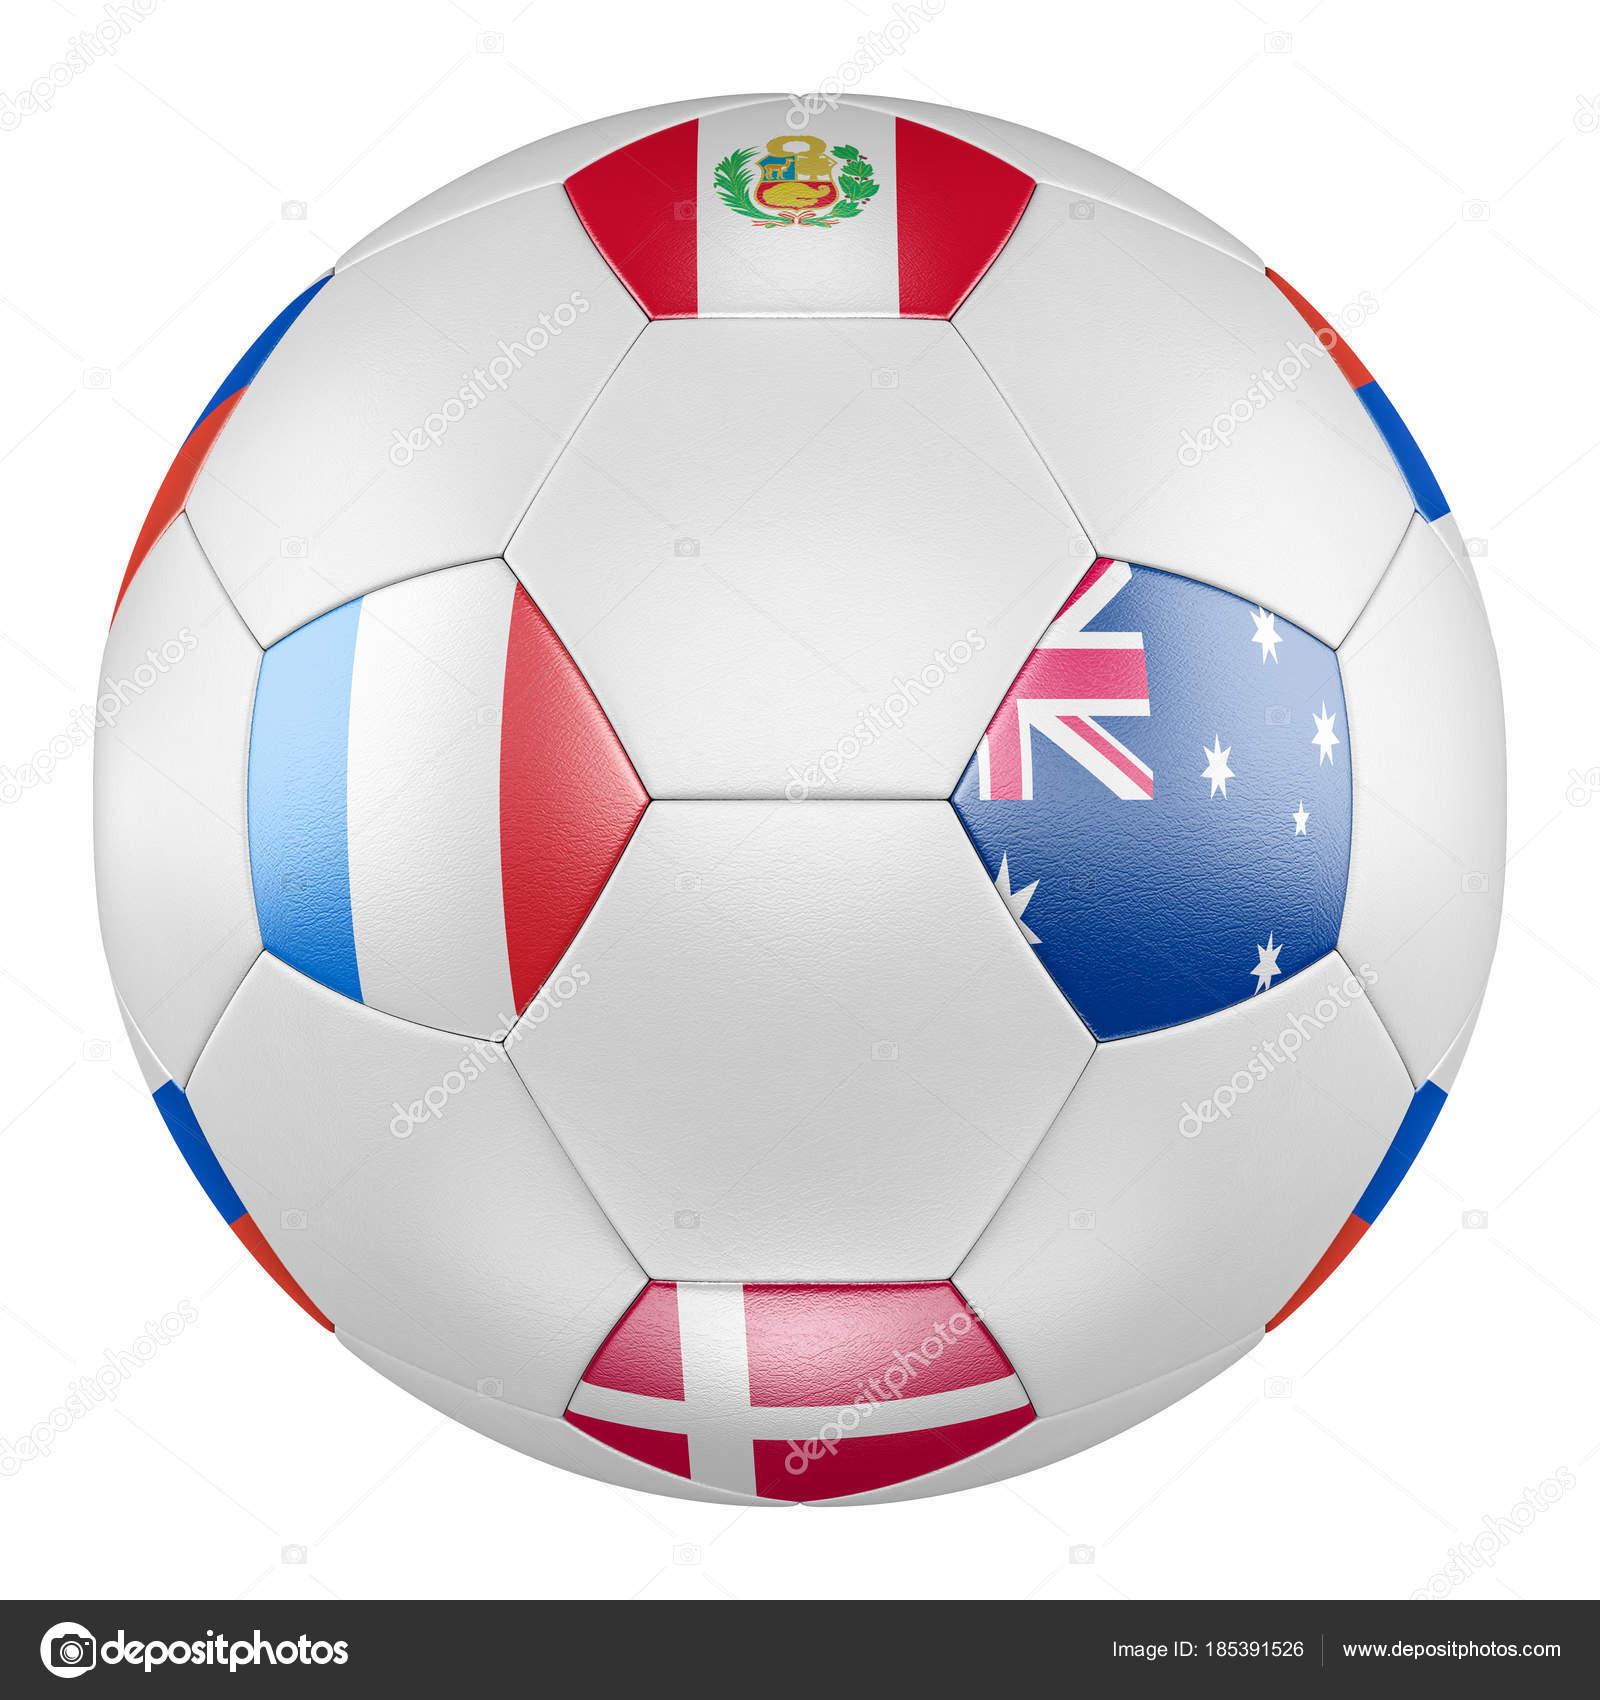 D Voetbal Met Groep C Vlaggen Van Denemarken Frankrijk Australie Peru Op Witte Achtergrond Match Tussen Frankrijk En Australie Foto Van Lvv